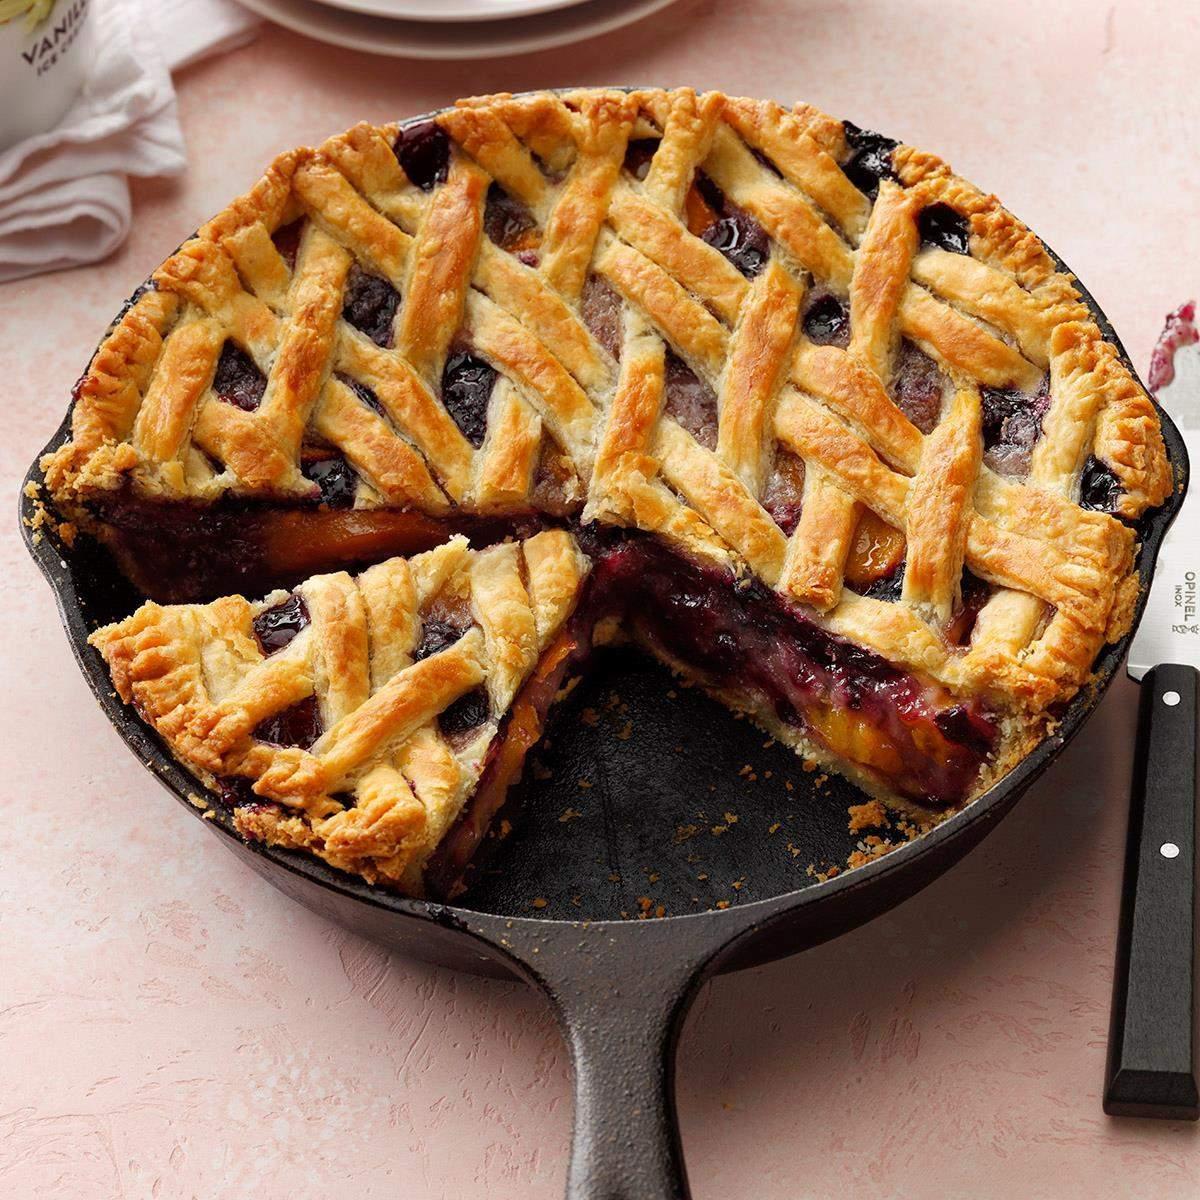 Receta de pastel de durazno con cereza y bayas de hierro fundido